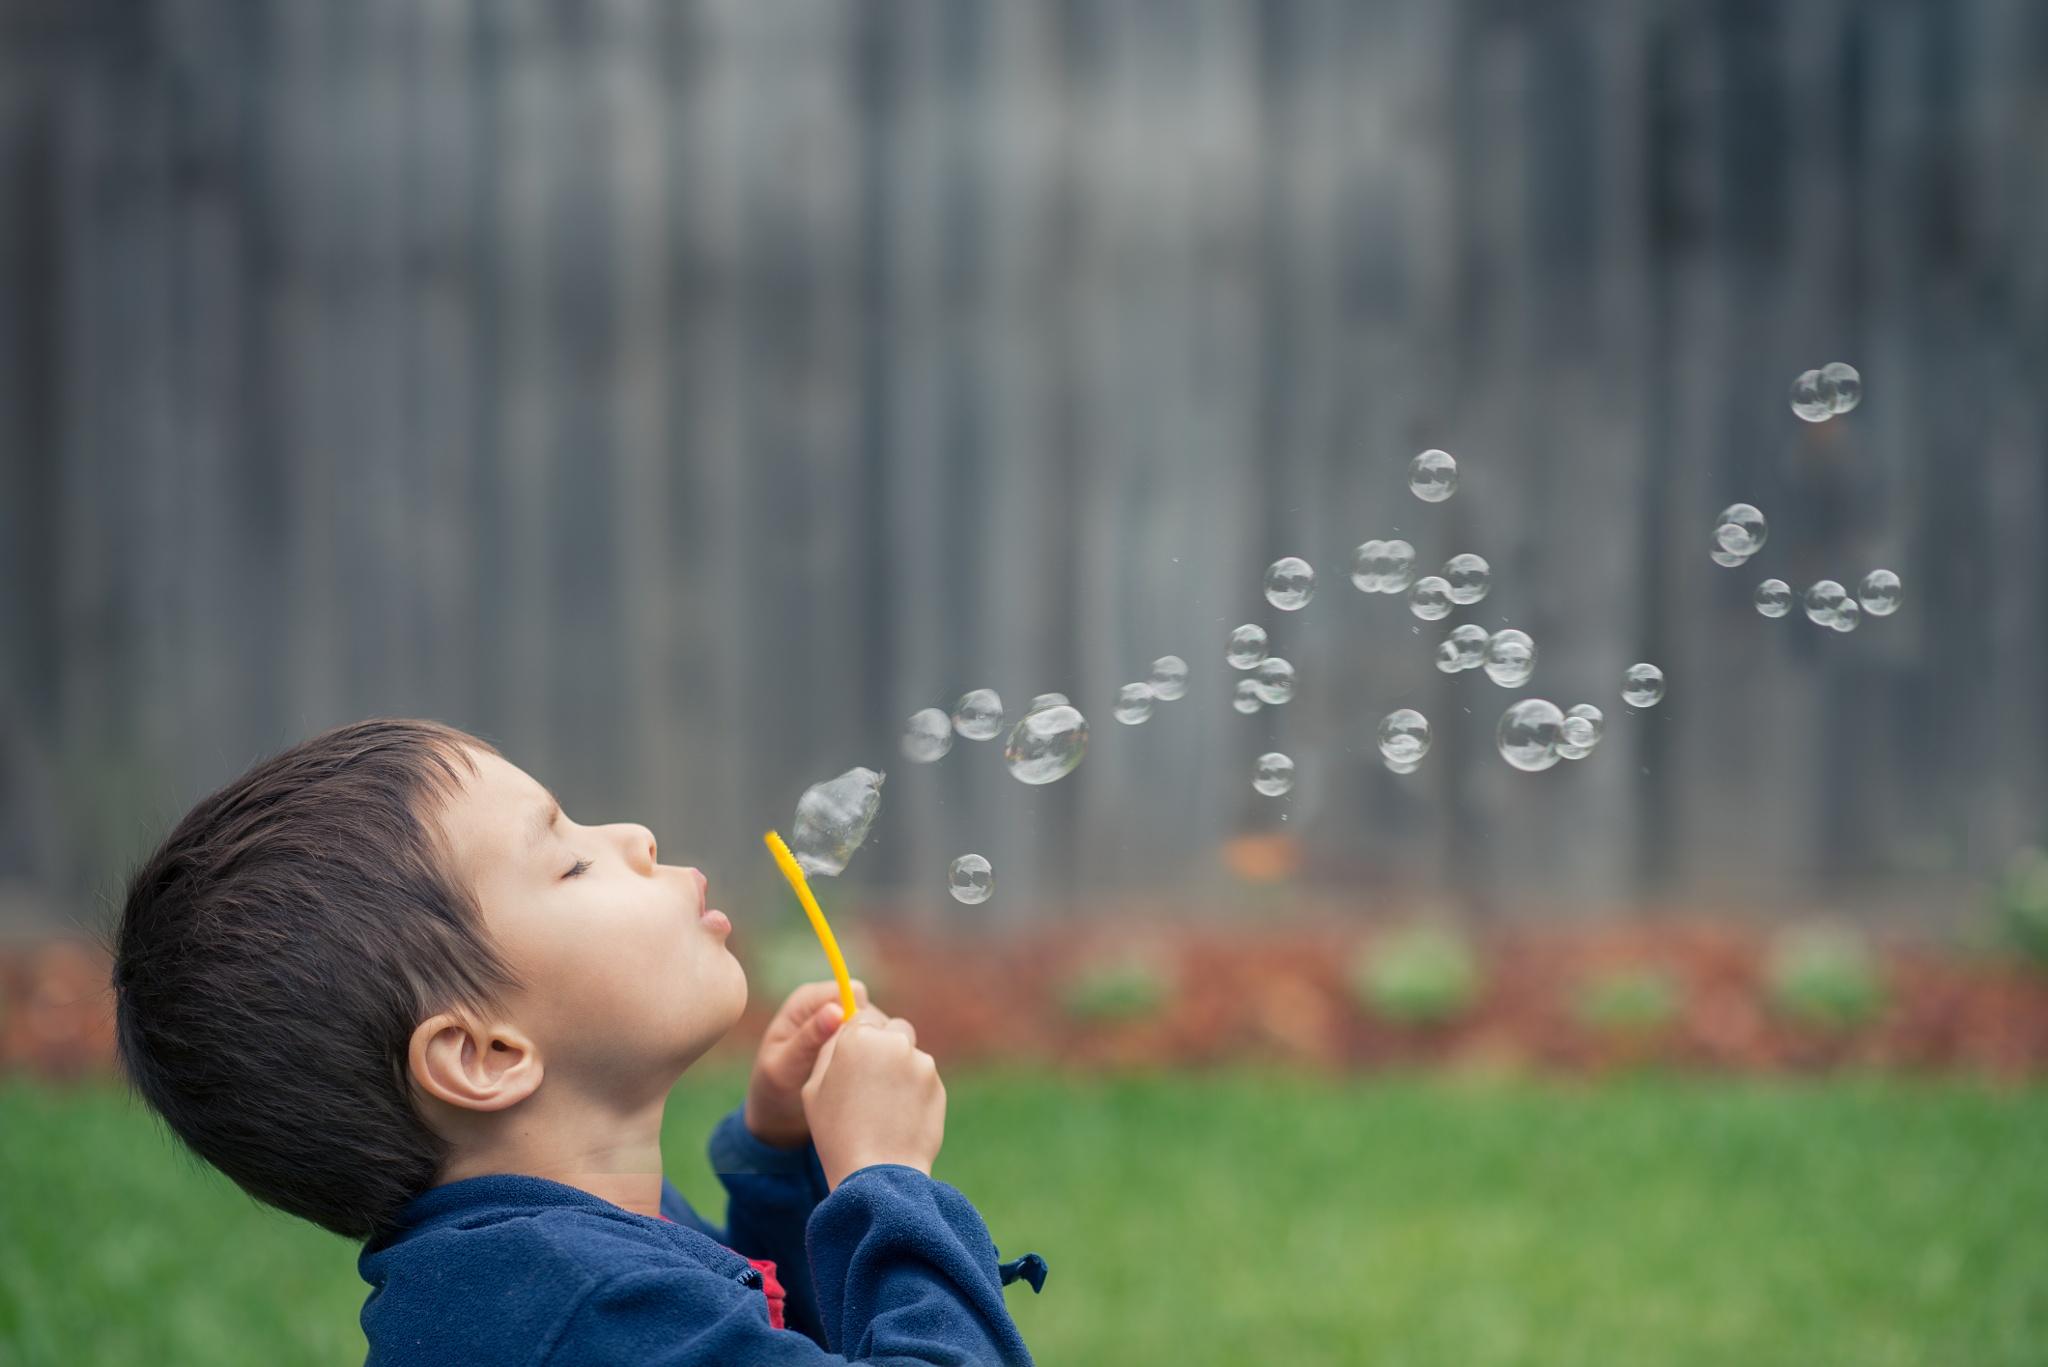 Bubbles by Brayden Howie